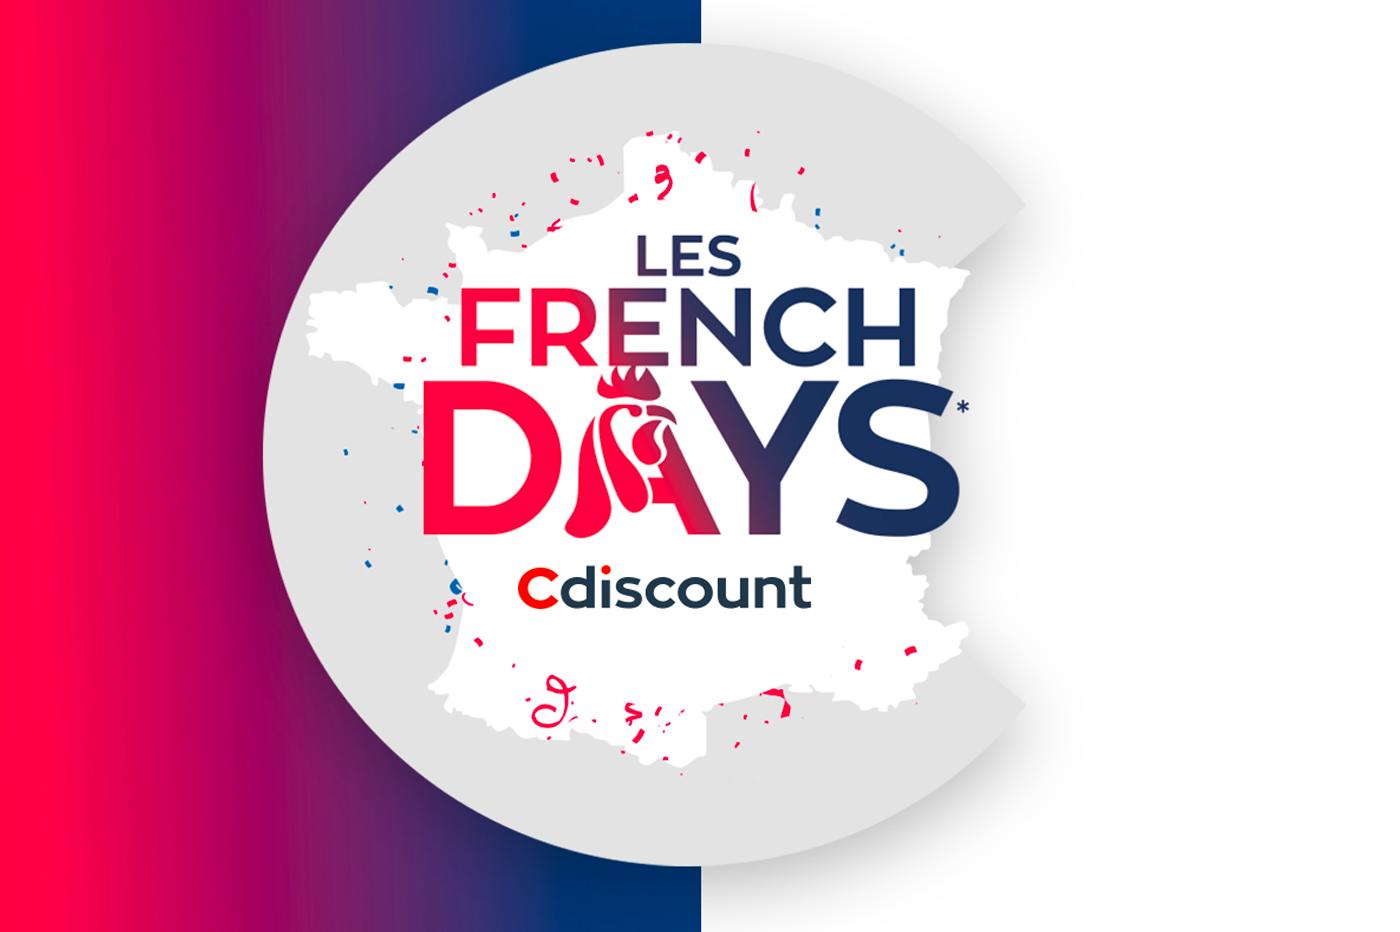 French Days Cdiscount : les 9 offres à ne pas manquer avant la fin